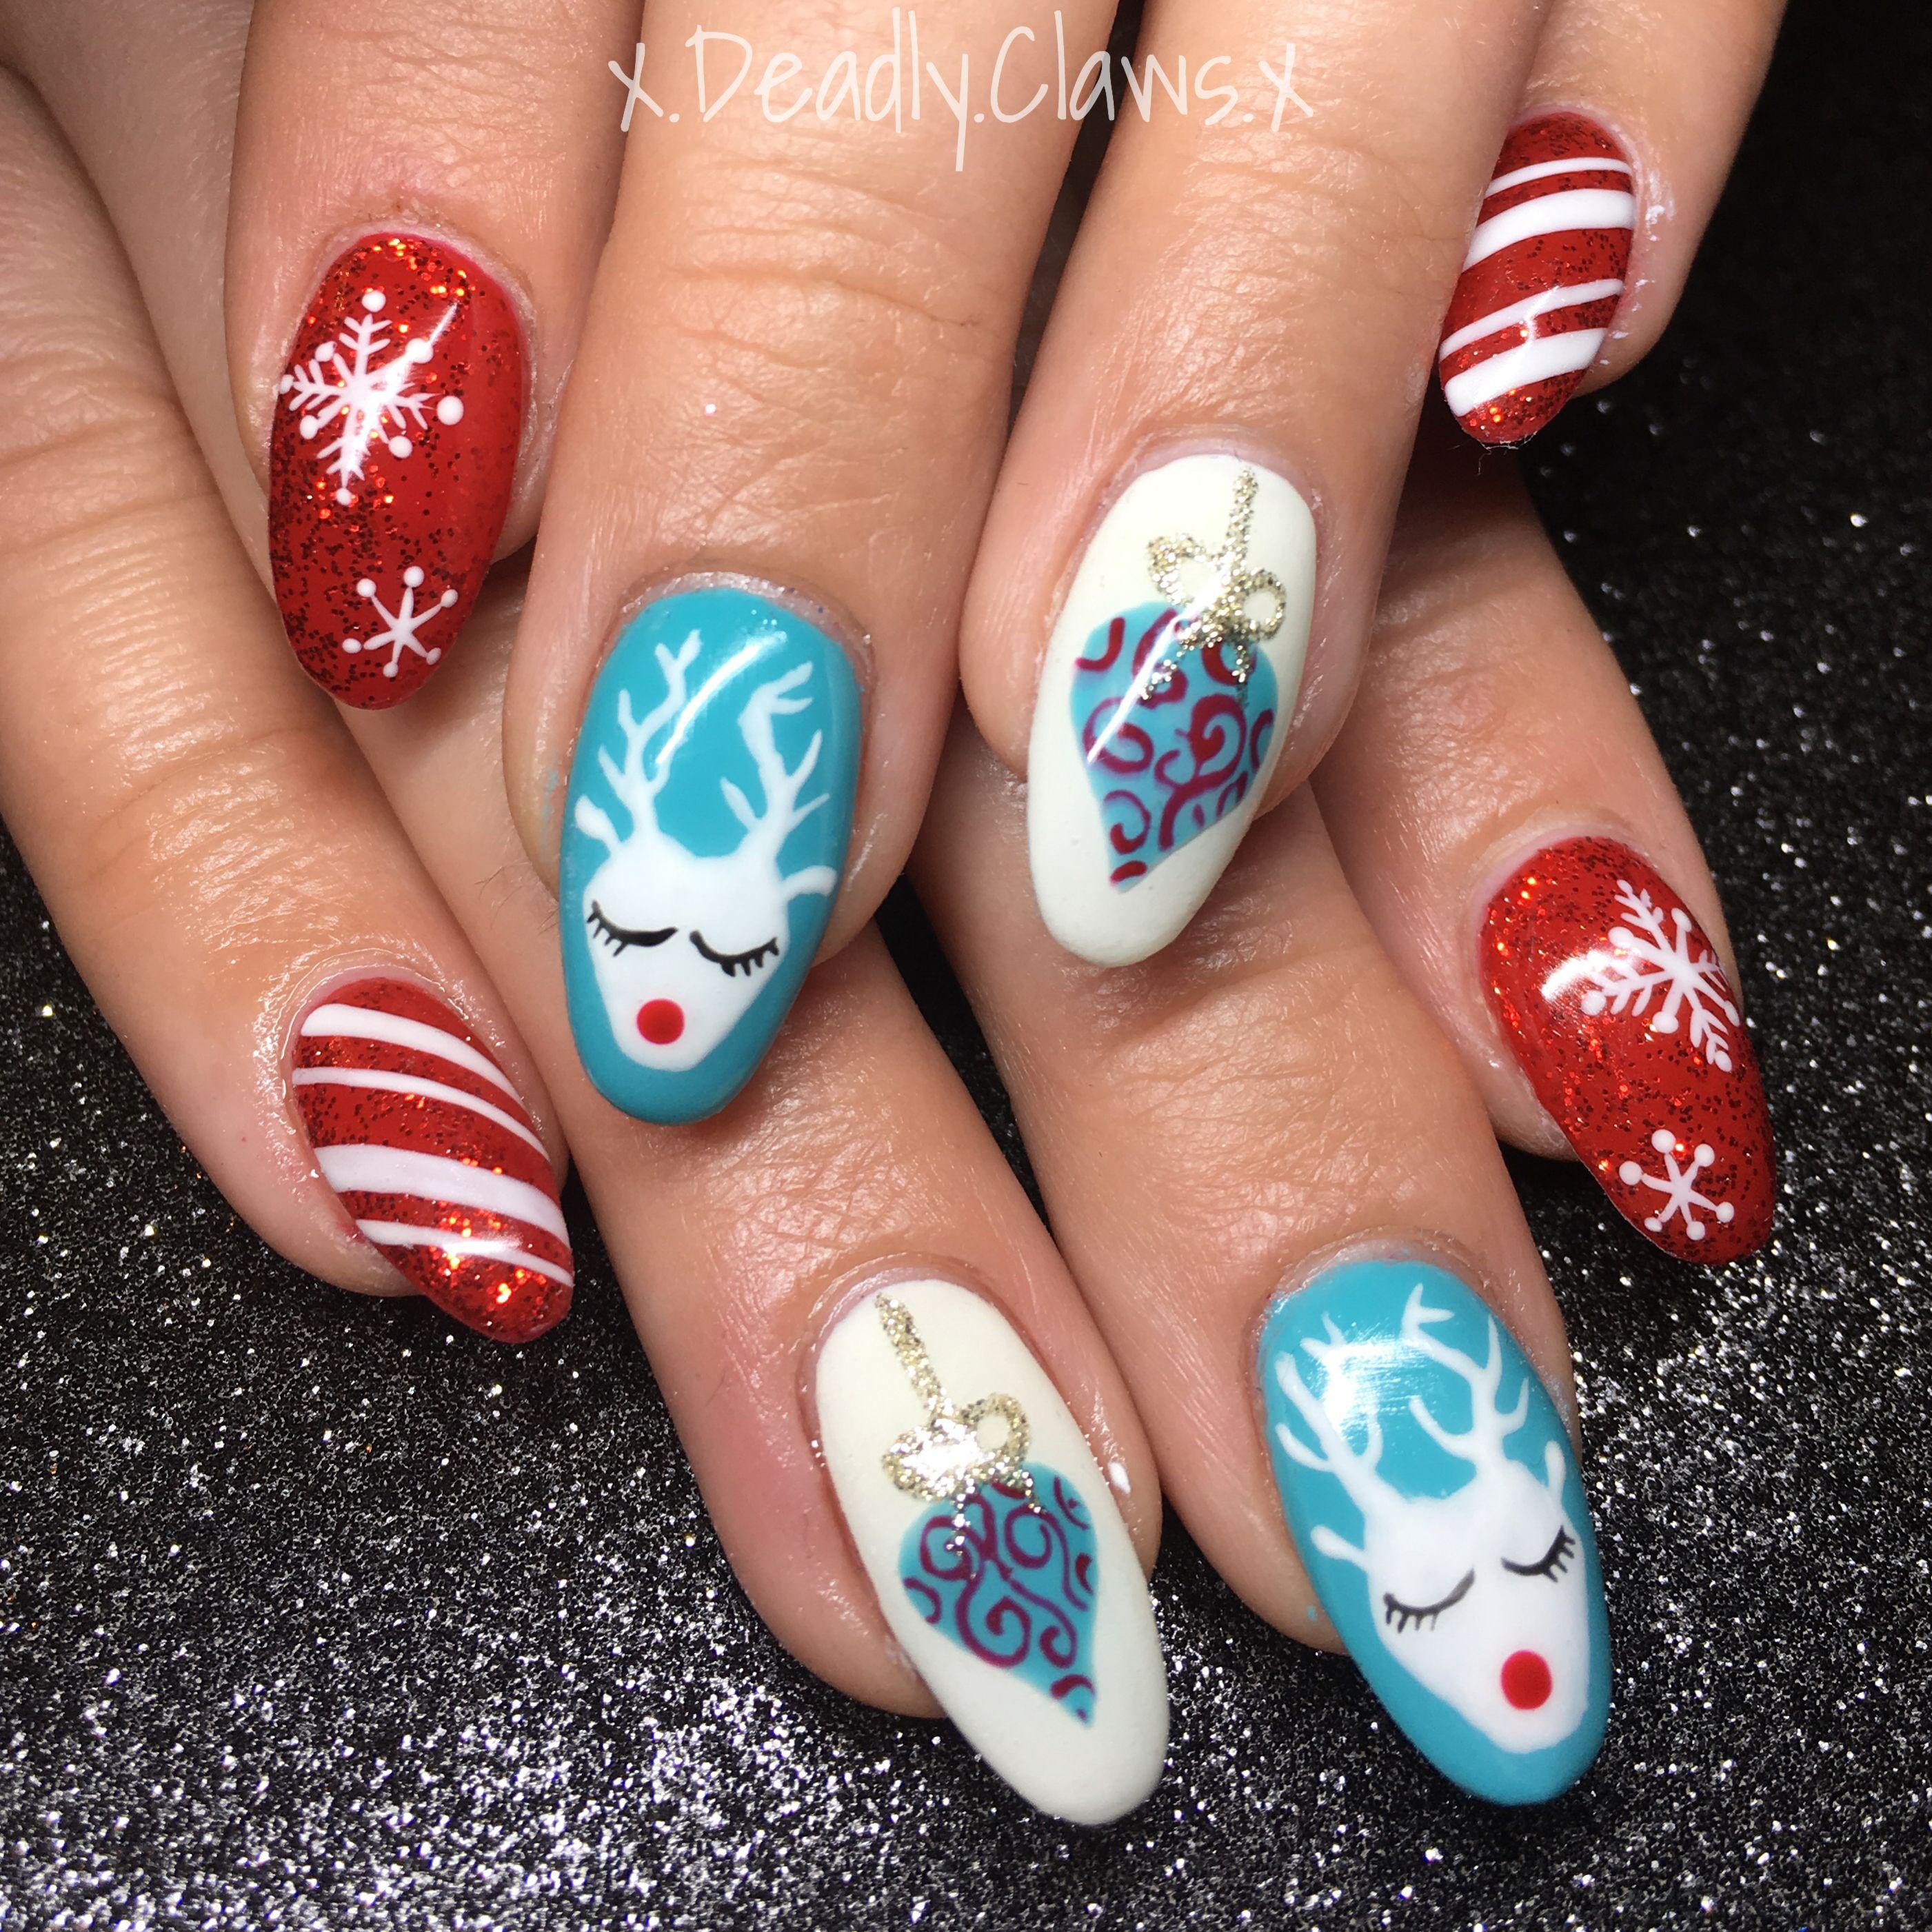 Nail art gel nails acrylic nails reindeer nails Xmas nails Christmas ...